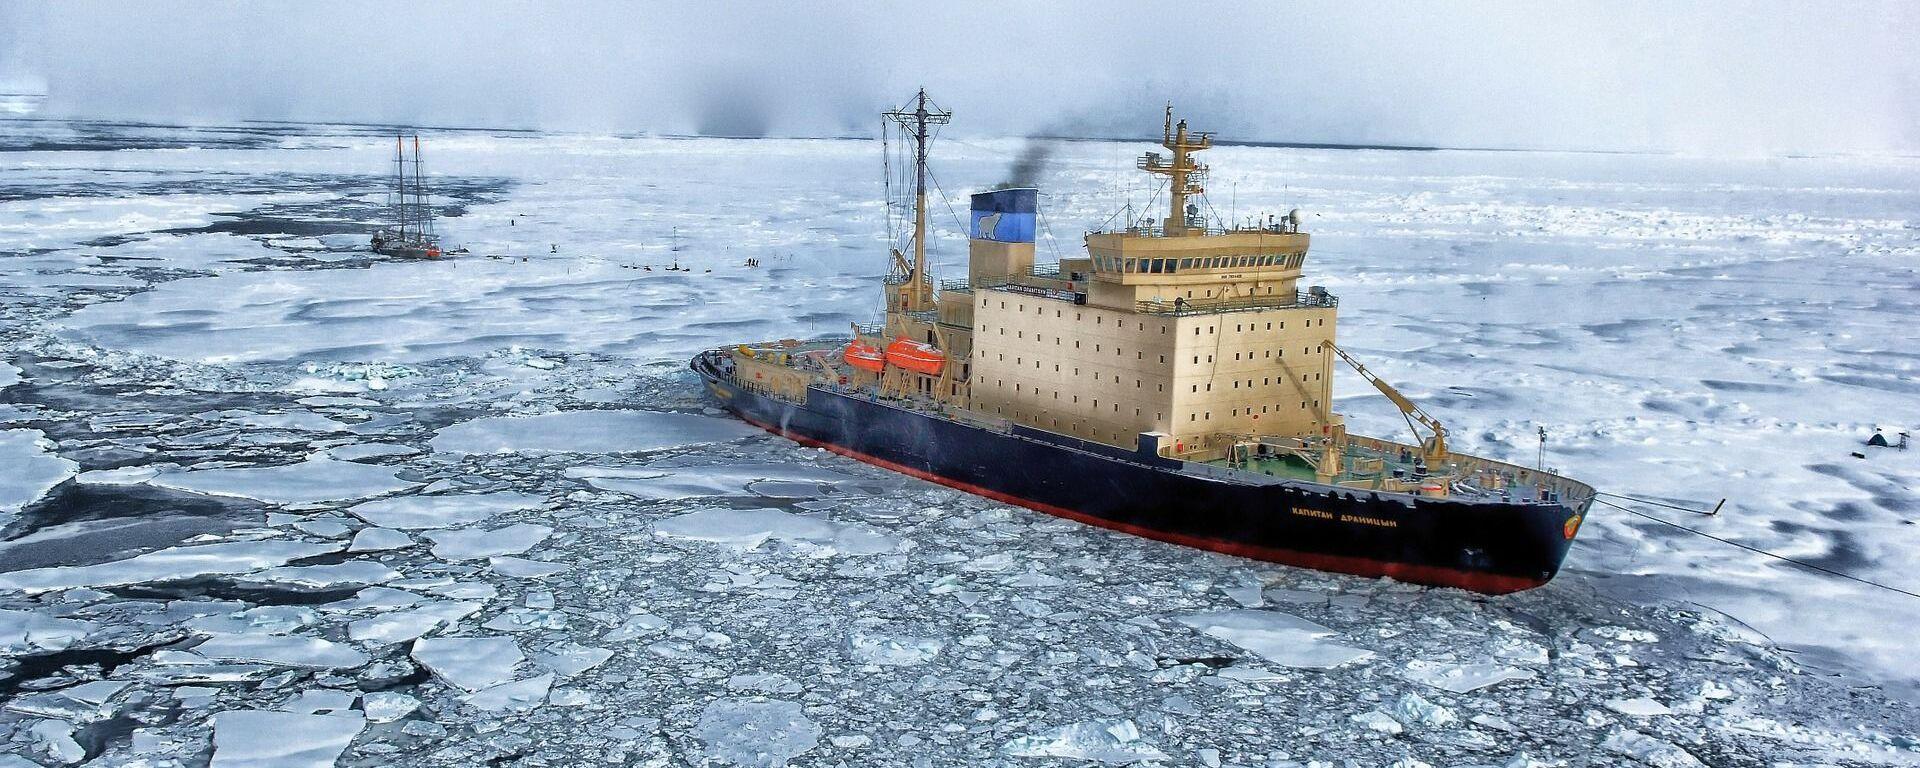 El Ártico (imagen referencial) - Sputnik Mundo, 1920, 11.06.2021